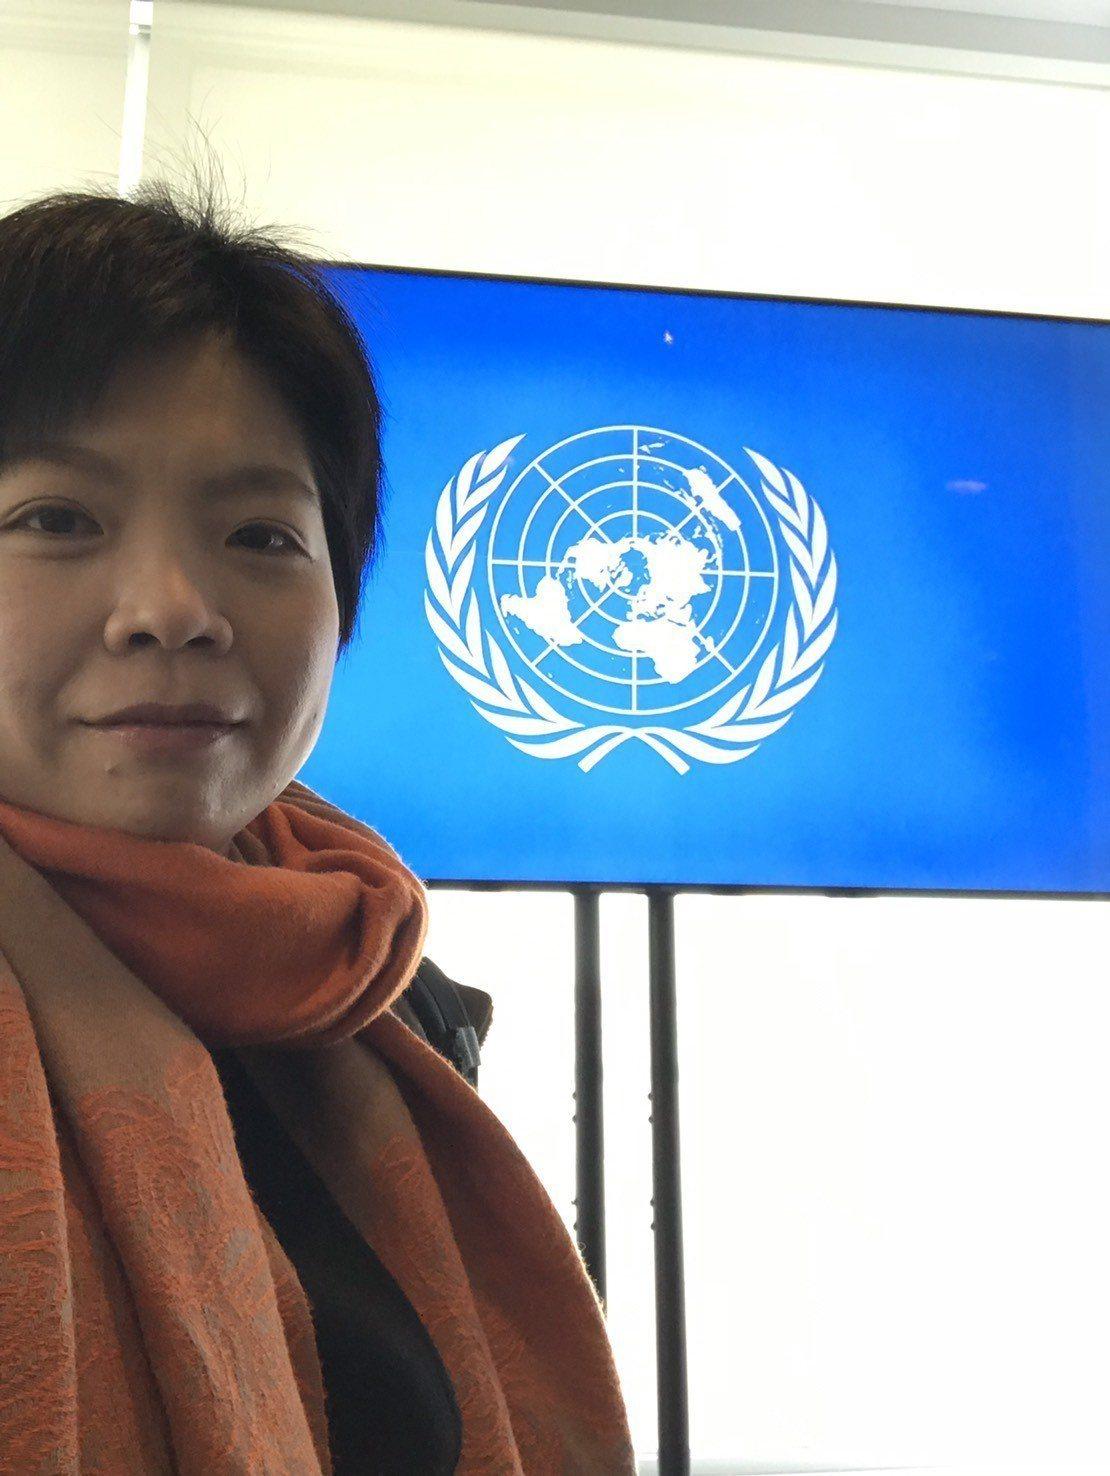 劉柏君今天在紐約獲頒國際奧會女性與體育獎,為第一個獲獎的台灣人。圖/劉柏君提供